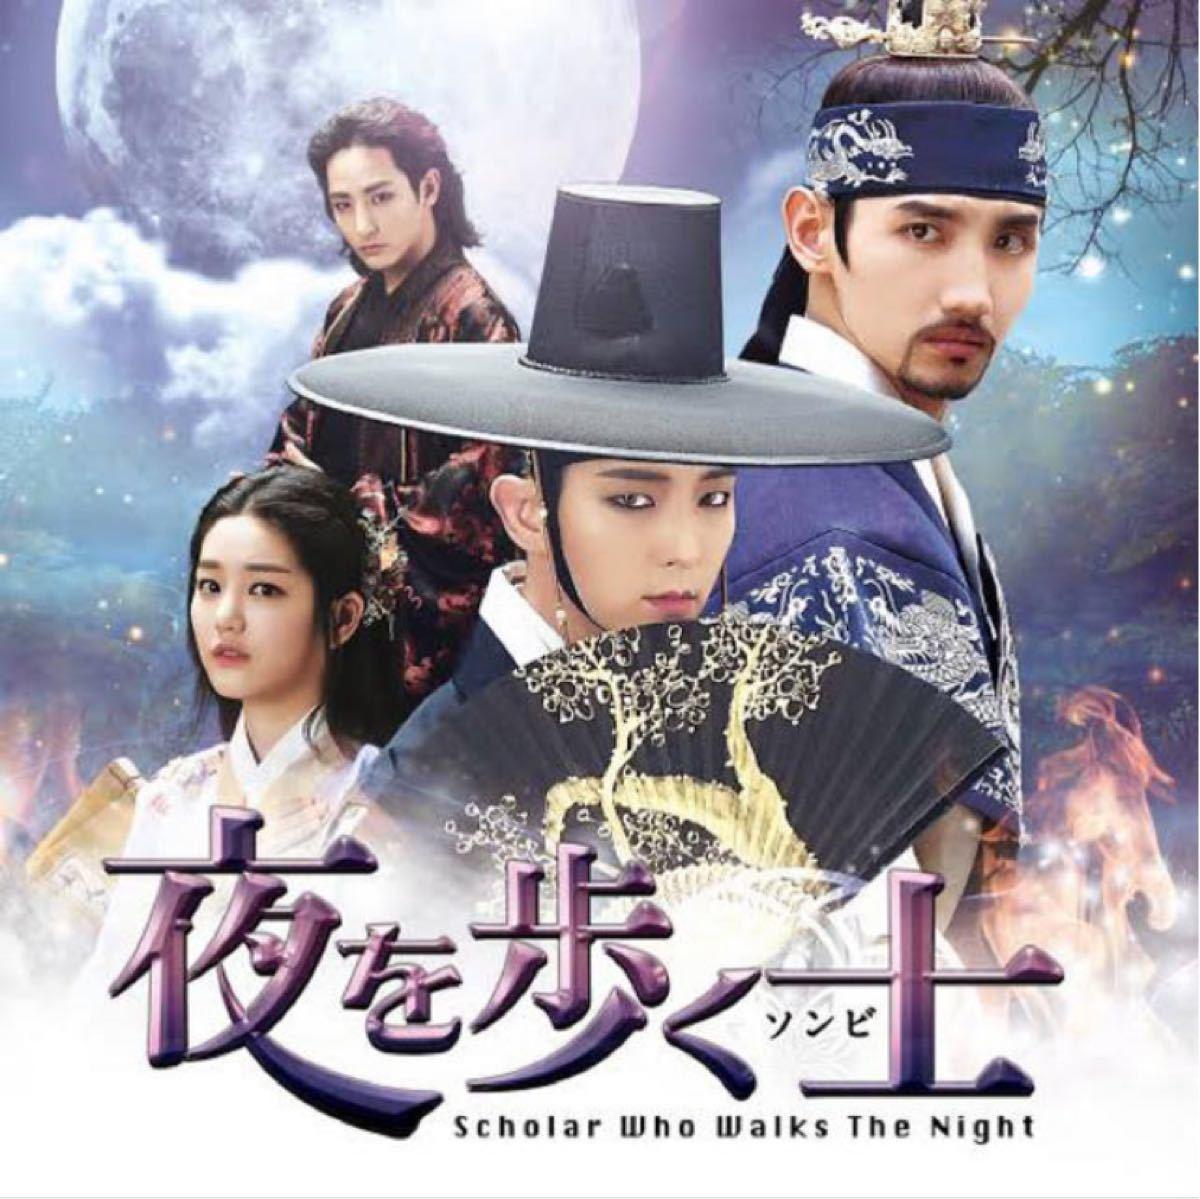 ☆韓国ドラマ☆『夜を歩く士』Blu-ray  全話 CDケース入